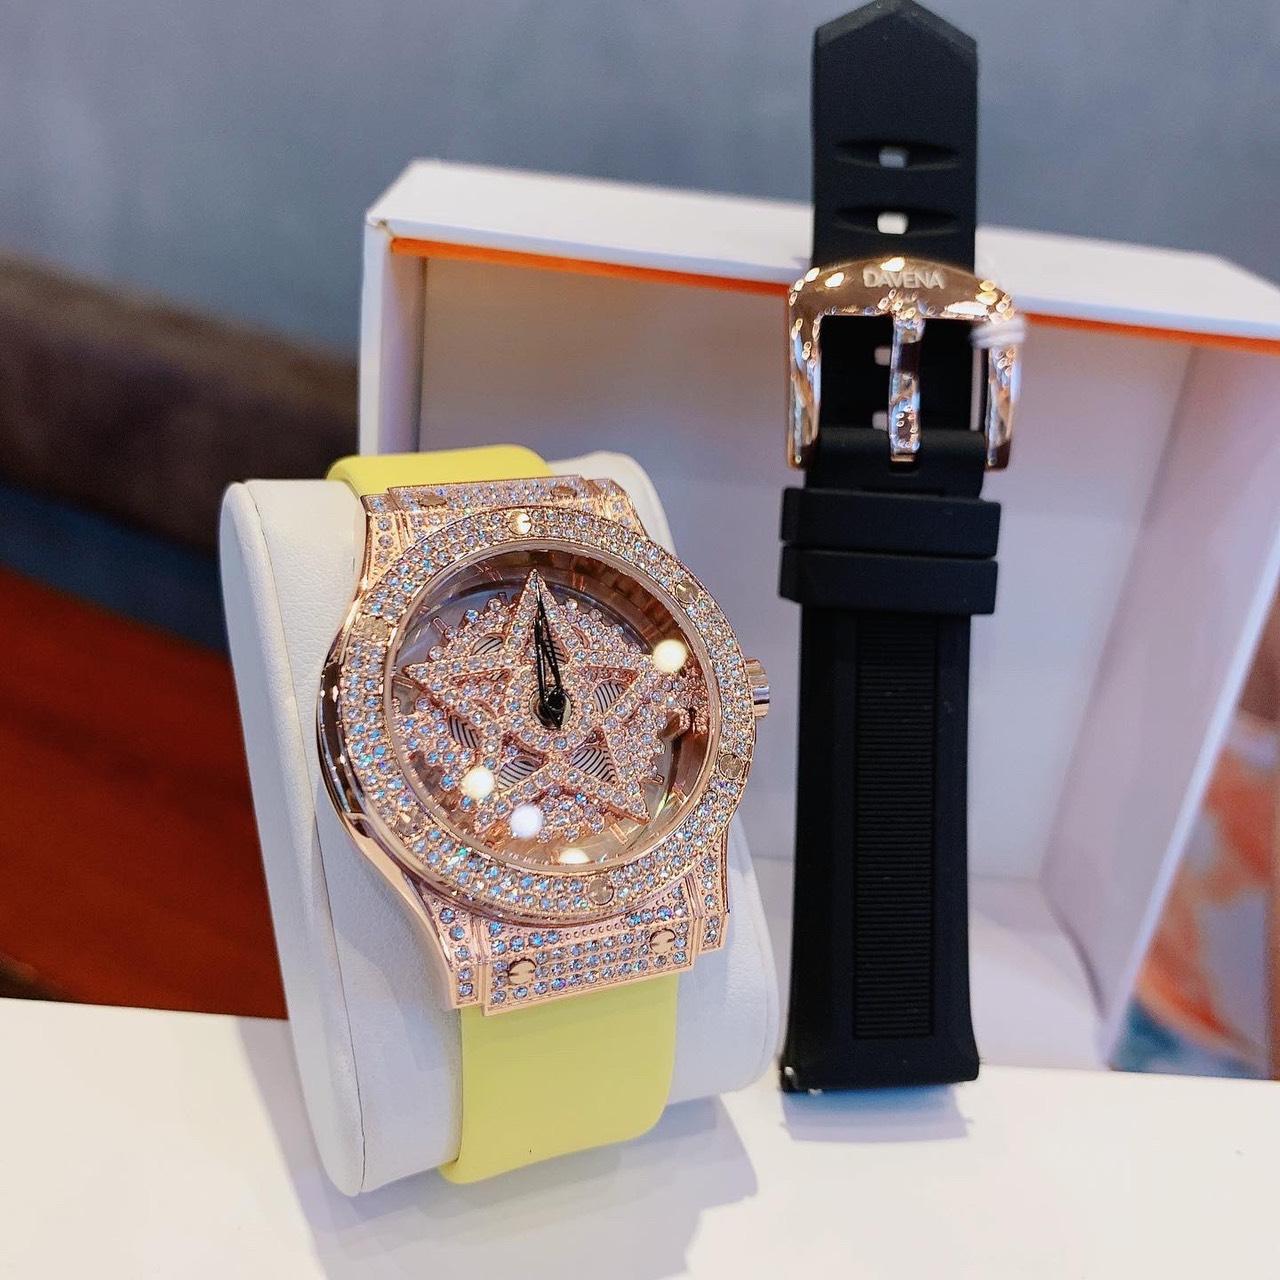 Đồng hồ hãng Davena